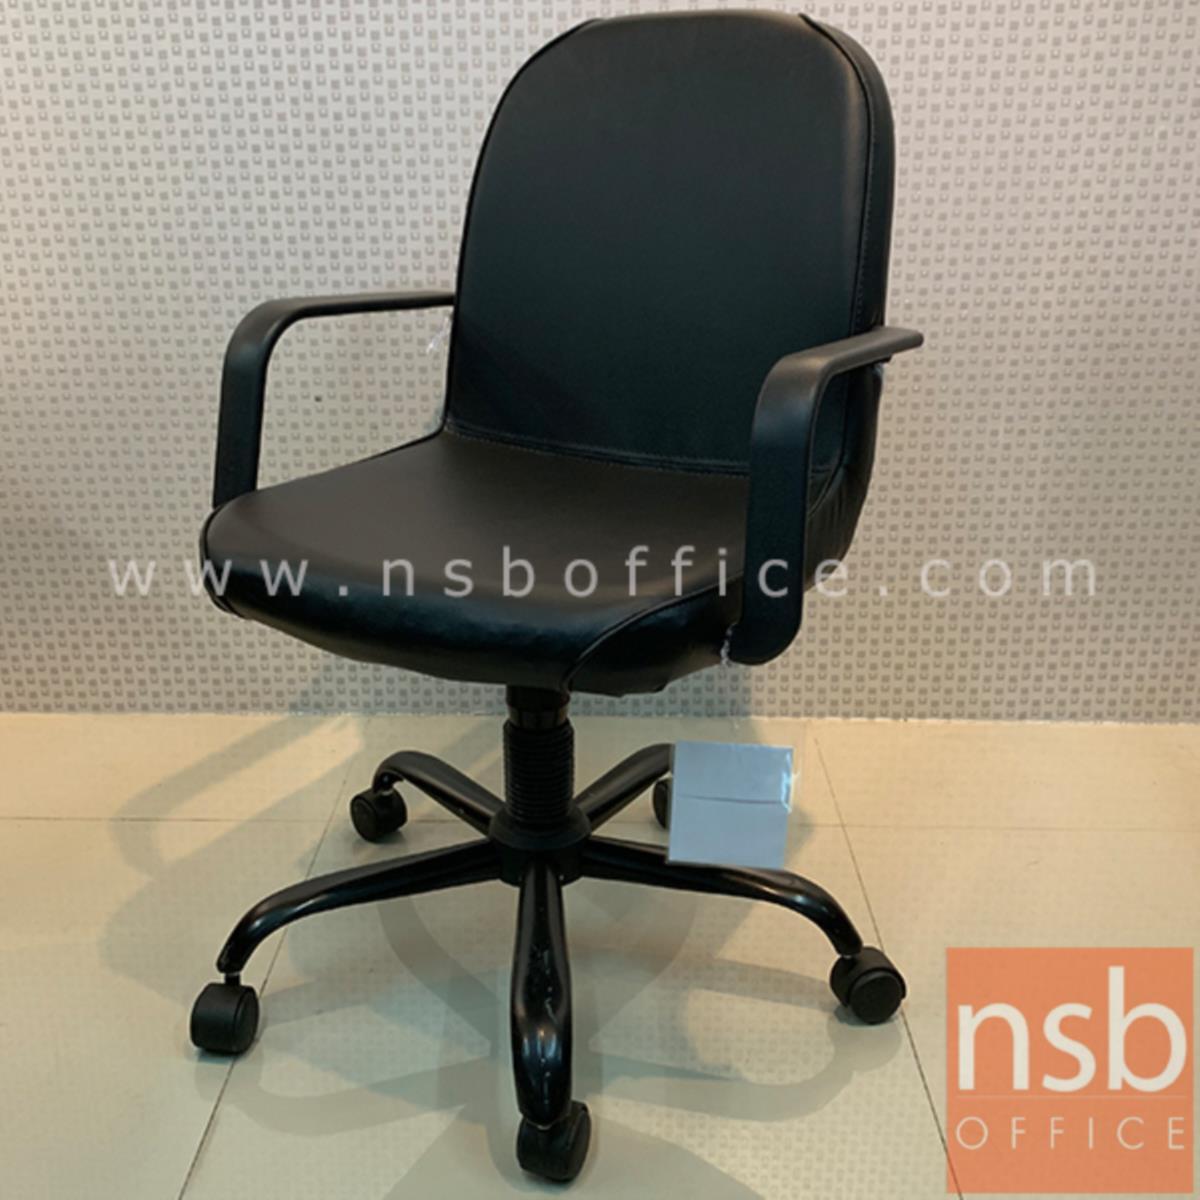 B03A083:เก้าอี้สำนักงาน รุ่น Shackle (แชคเคิล) ปรับแกนเกลียว ขาเหล็กพ่นดำ